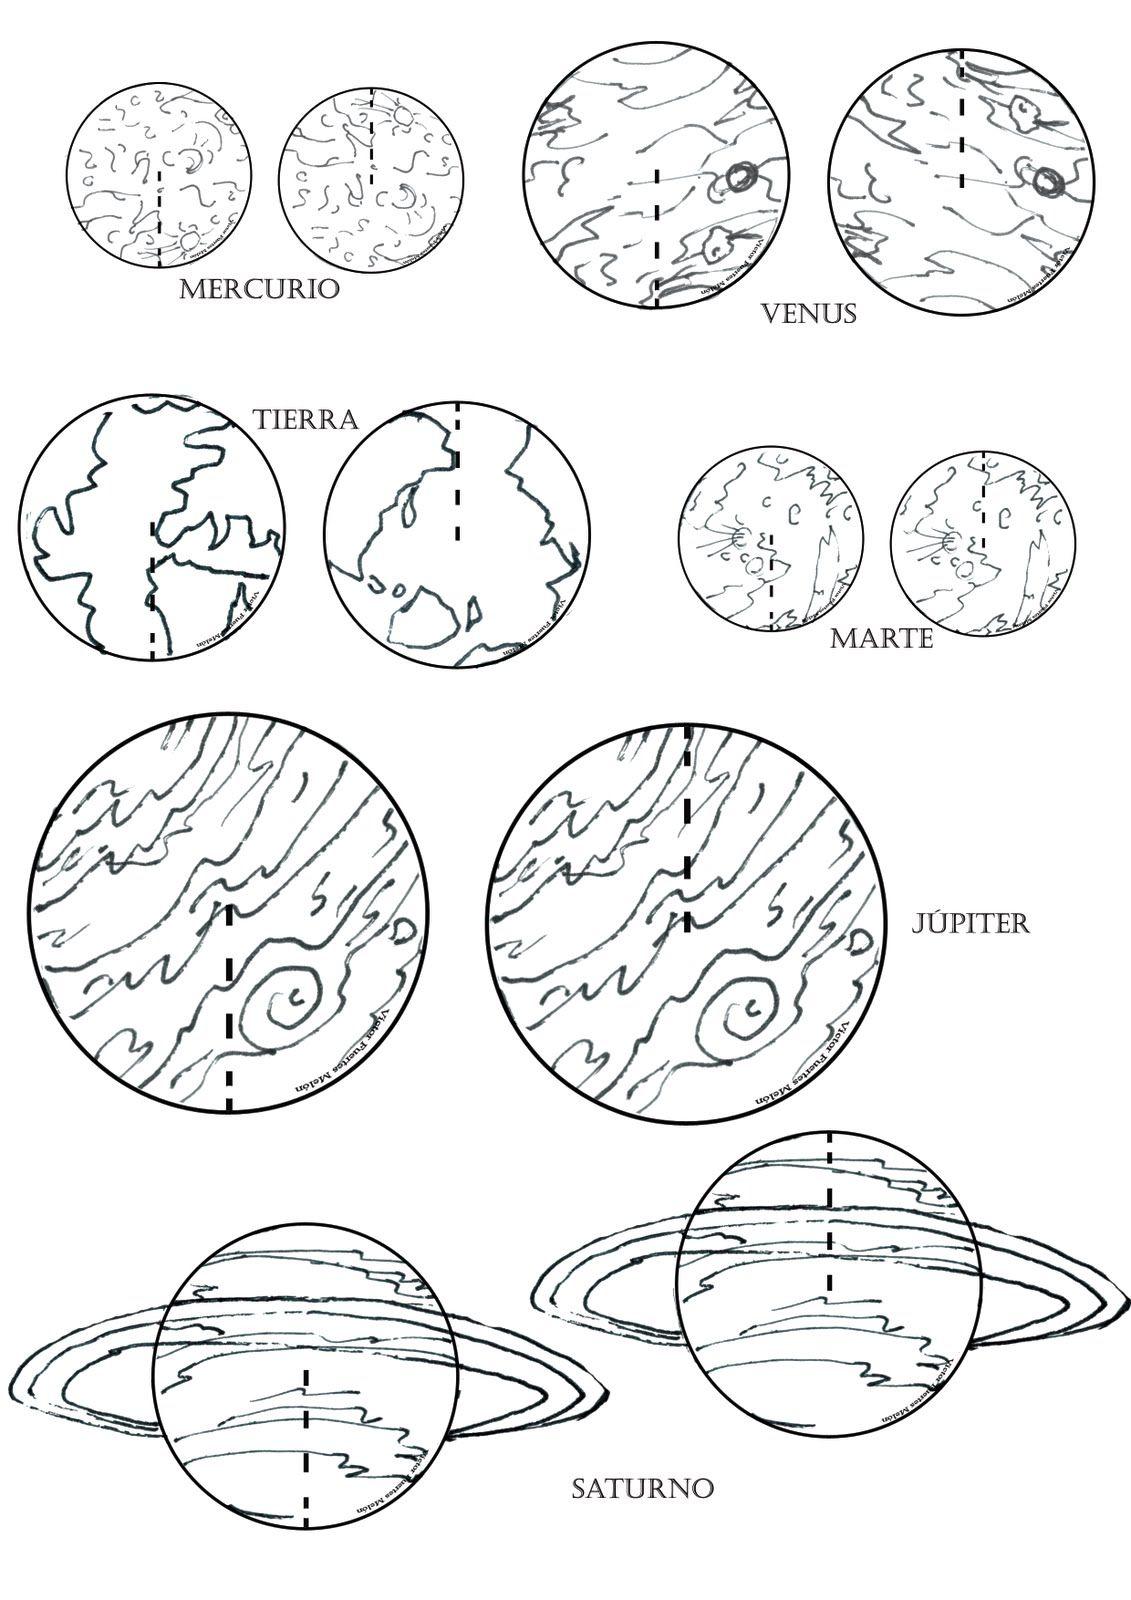 los planetas del sistema solar para colorear nocturnar